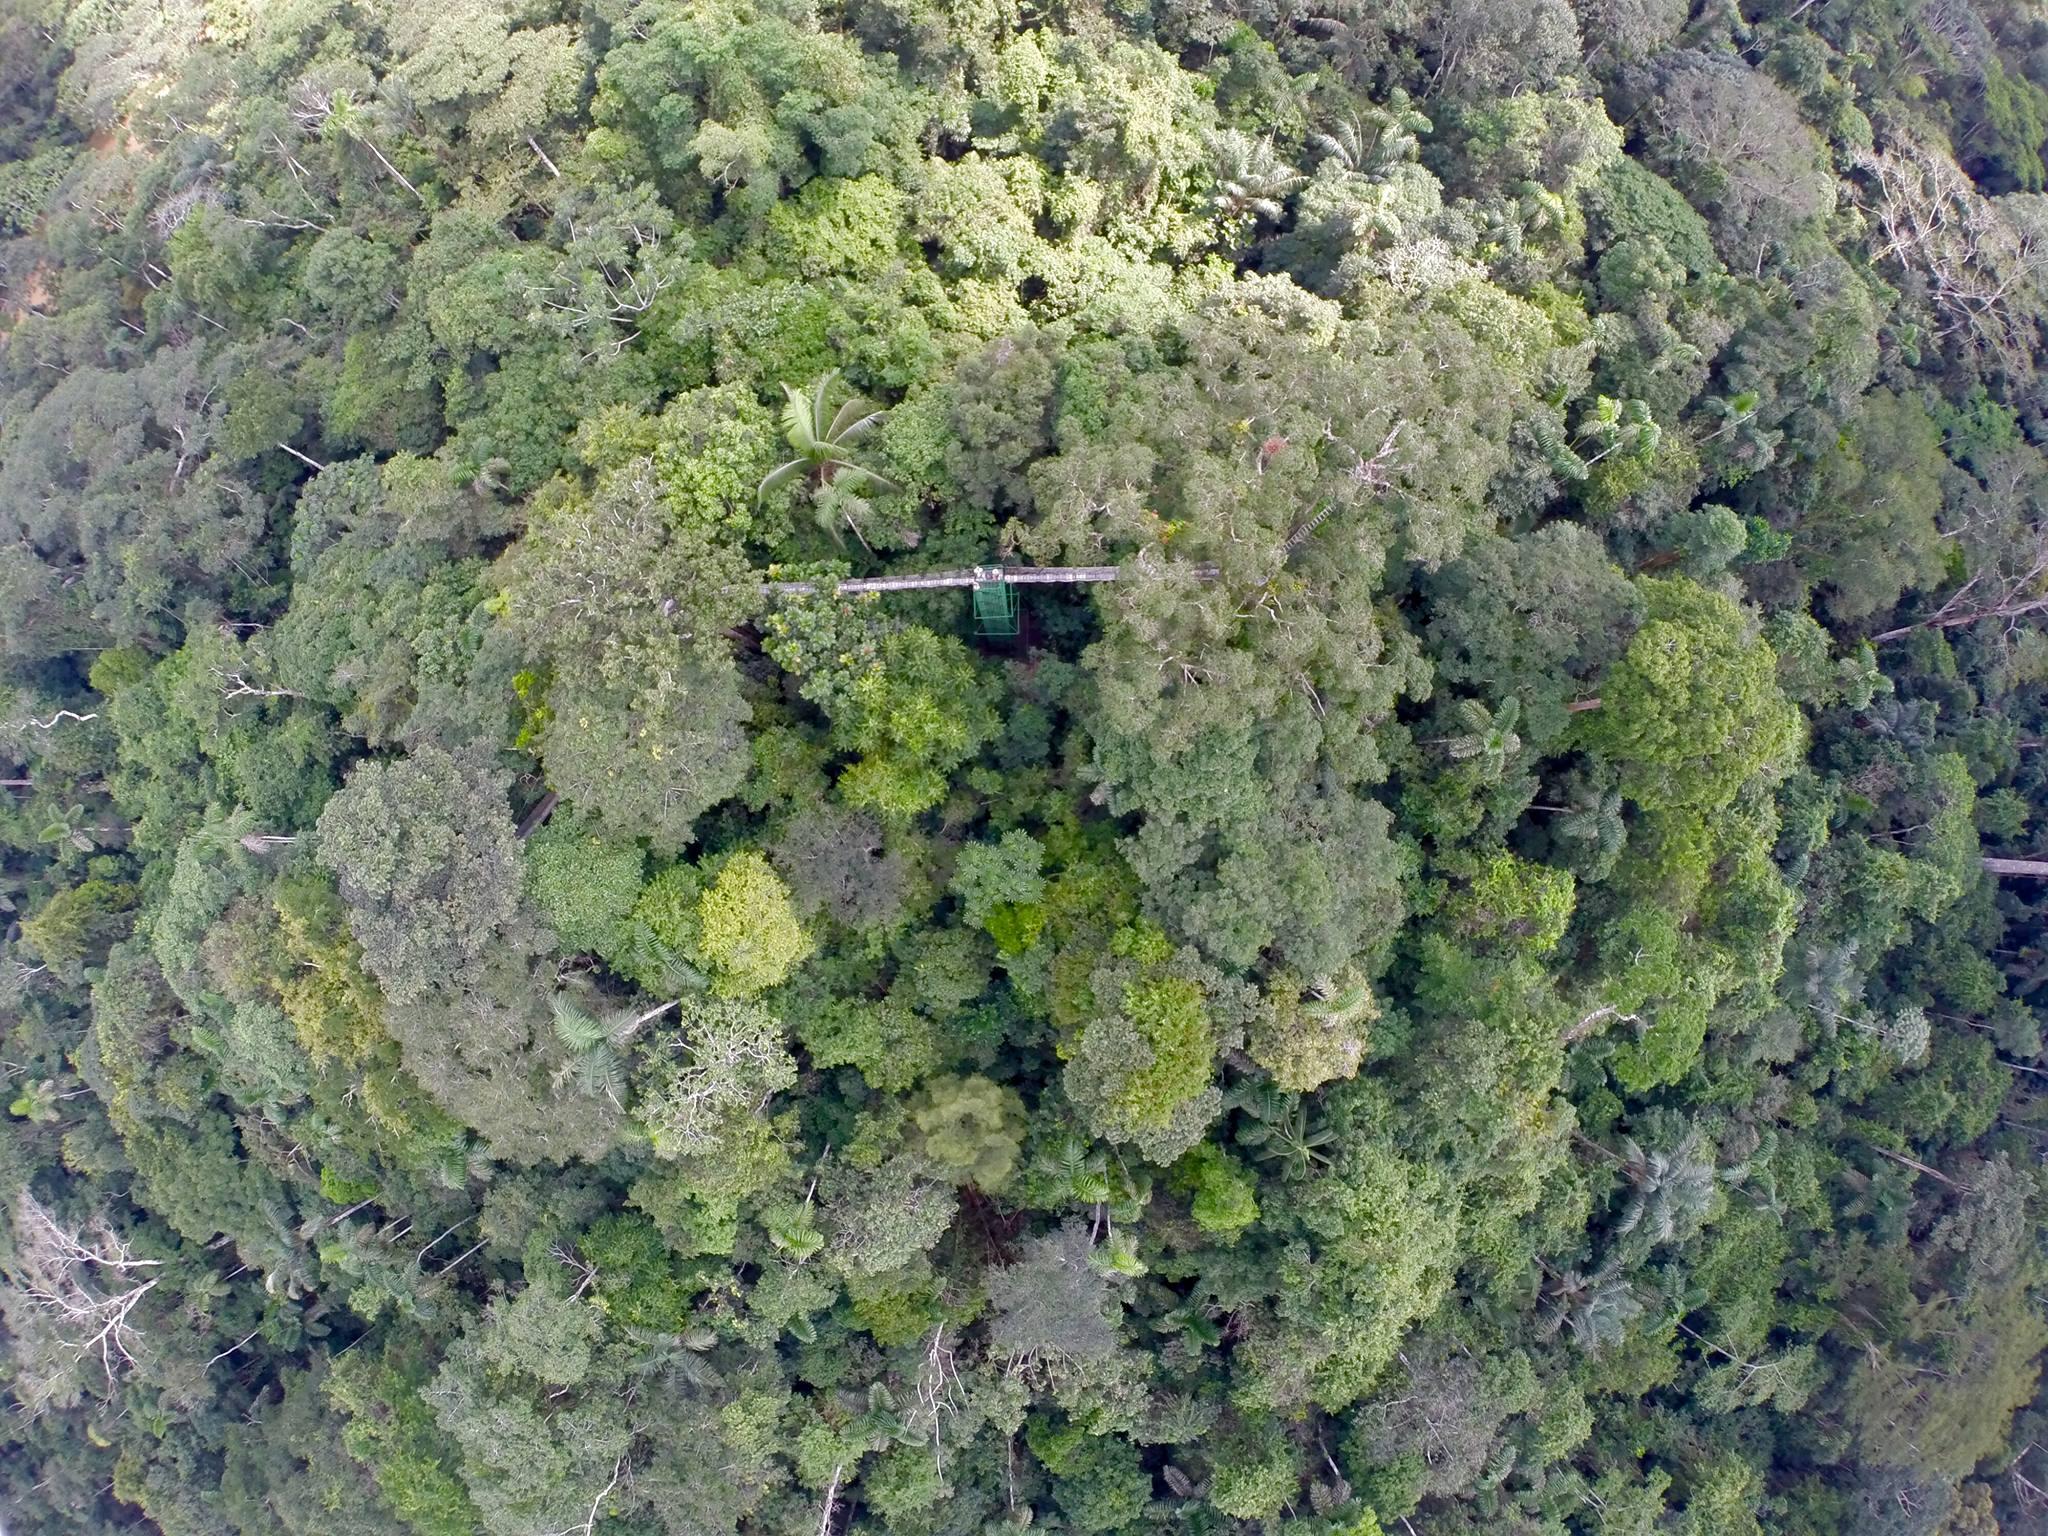 Vista aérea da torre de observação da Estação de Pesquisa Tiputini